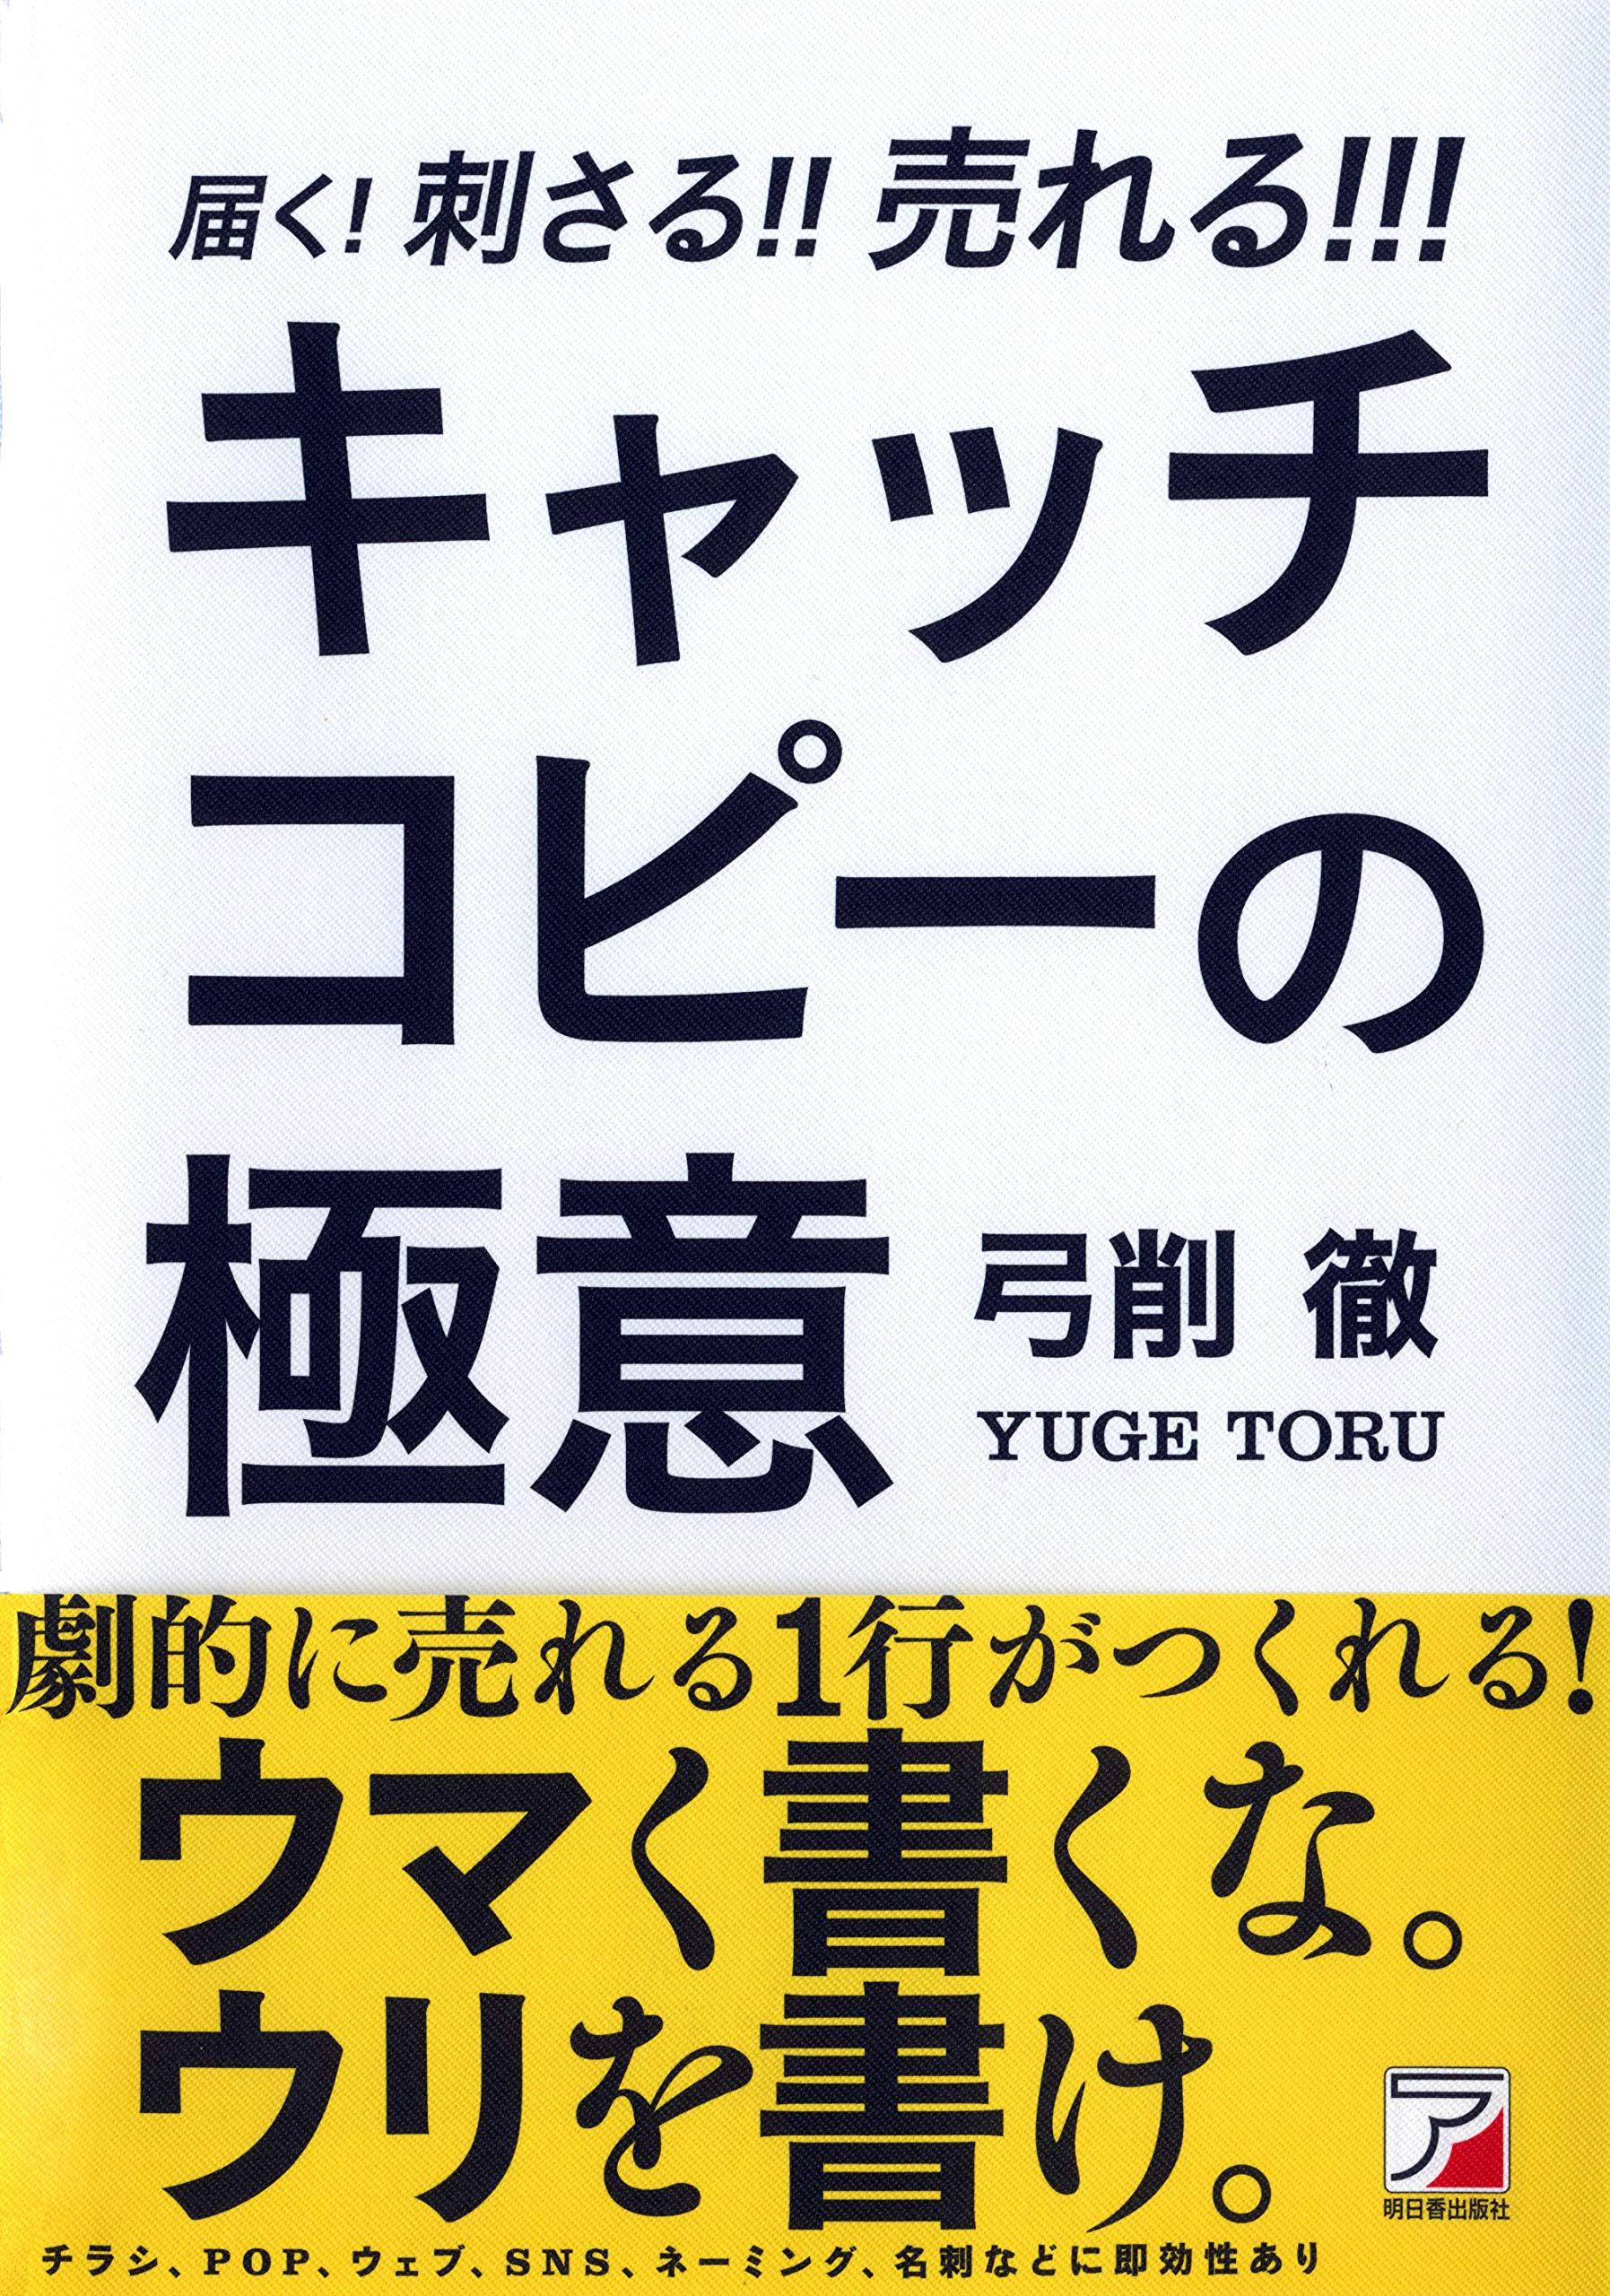 キャッチコピーの本「キャッチコピーの極意」